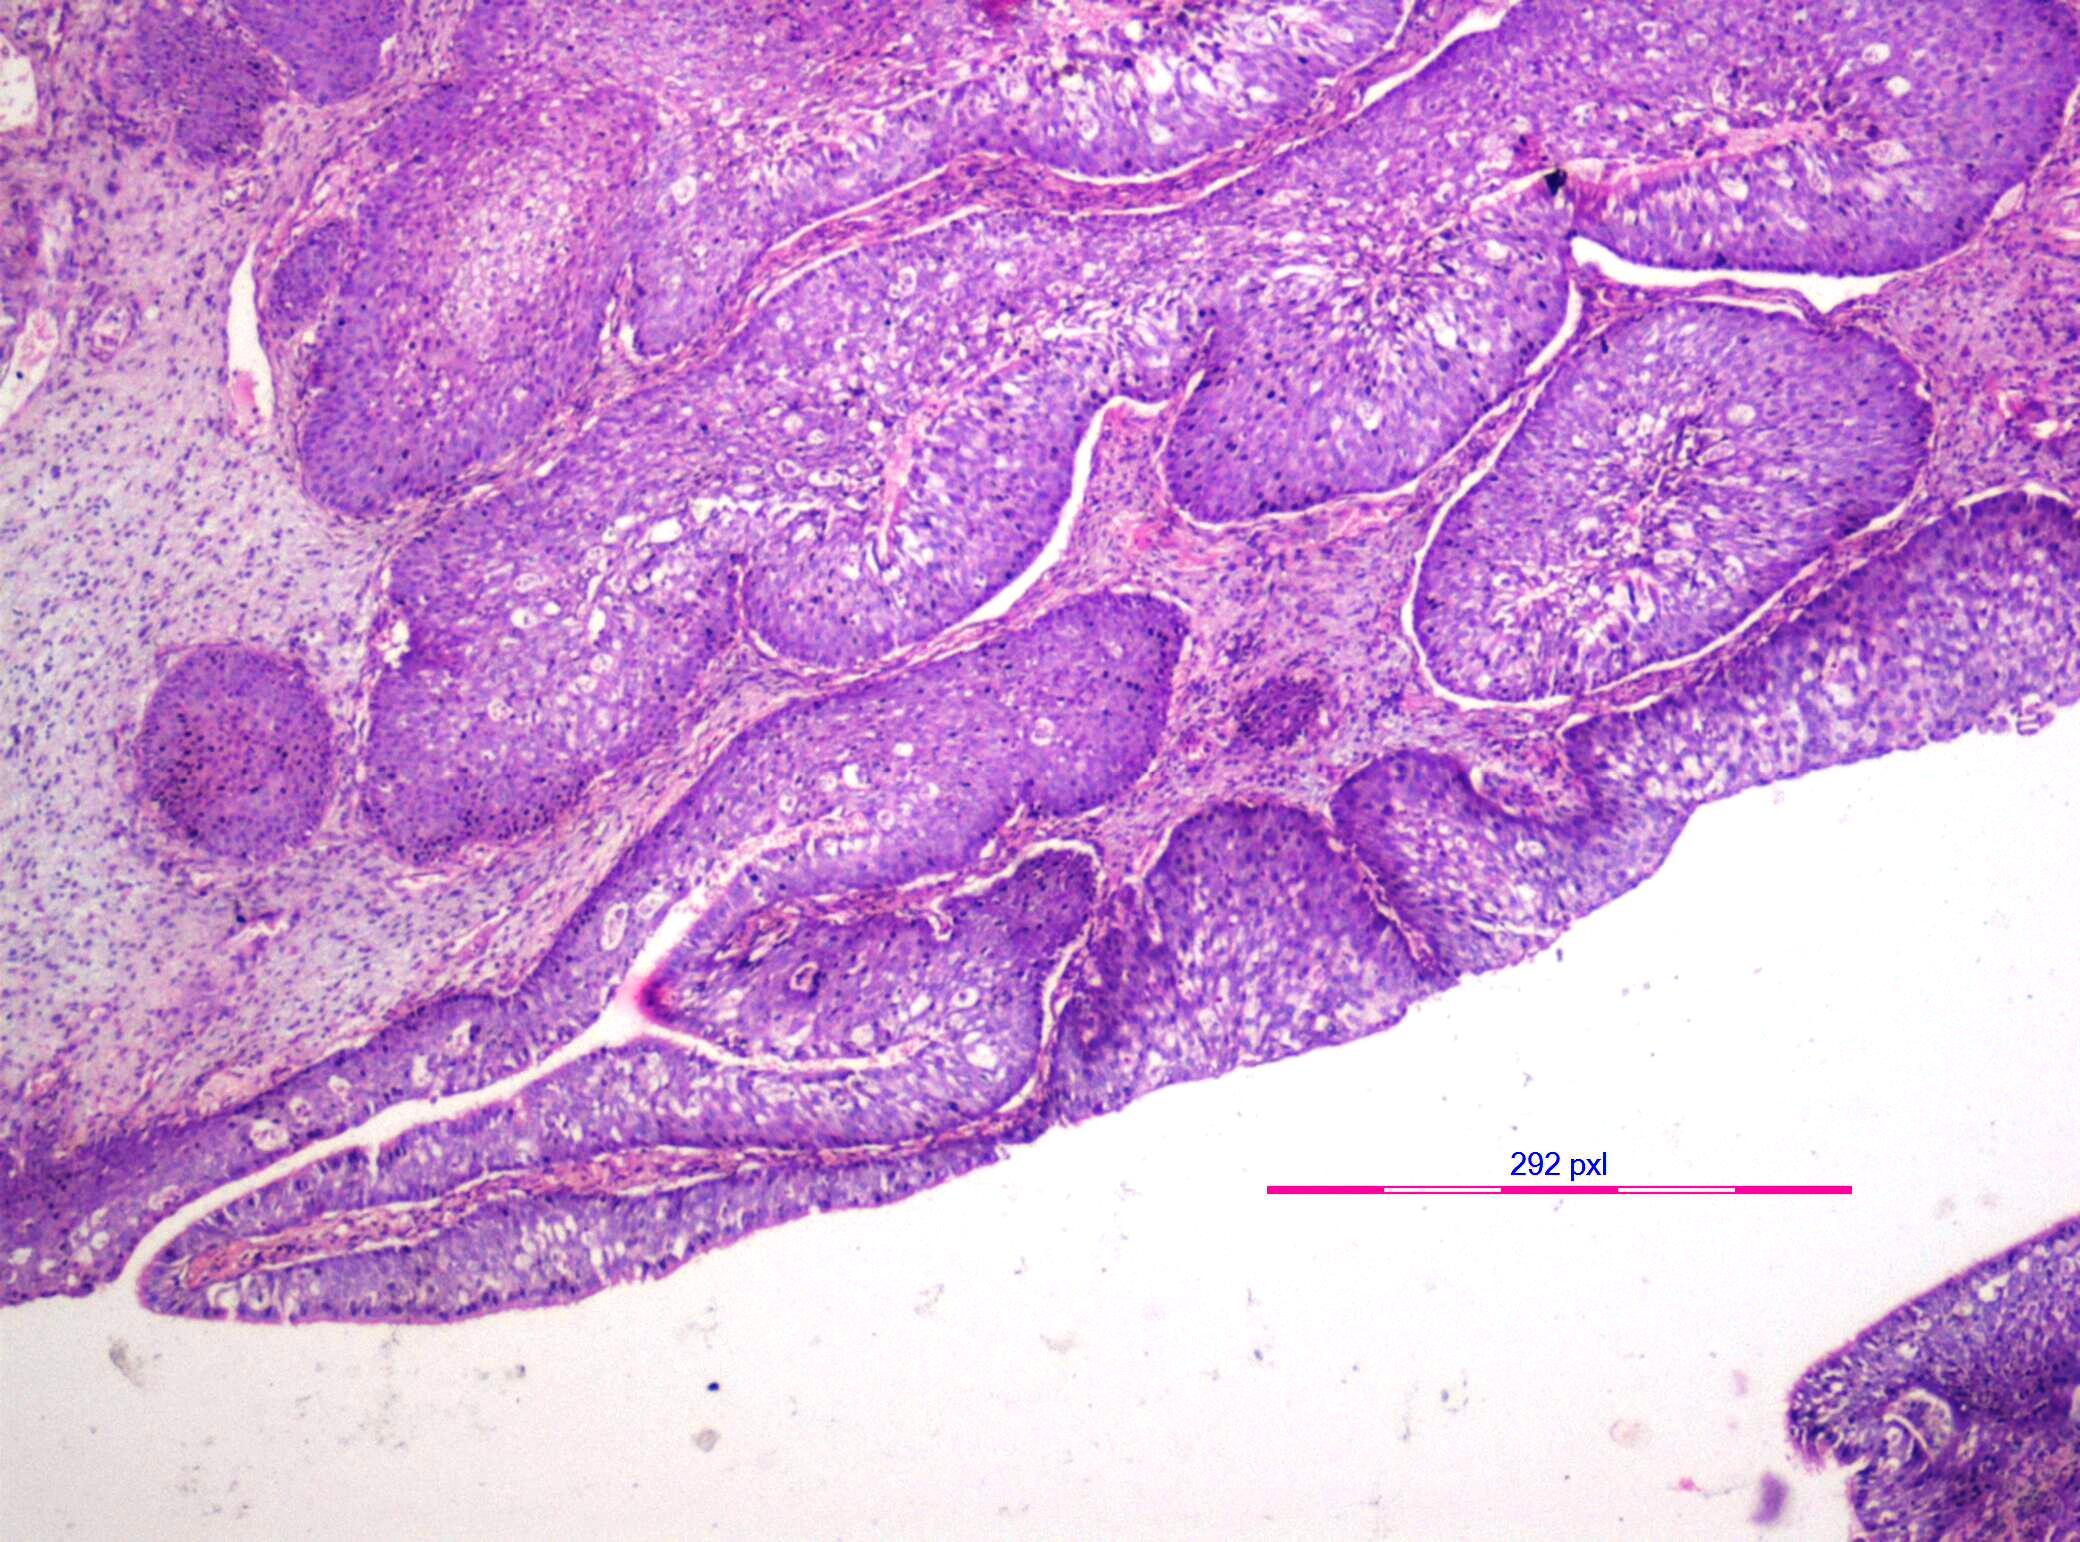 come si contrae papilloma virus nelluomo